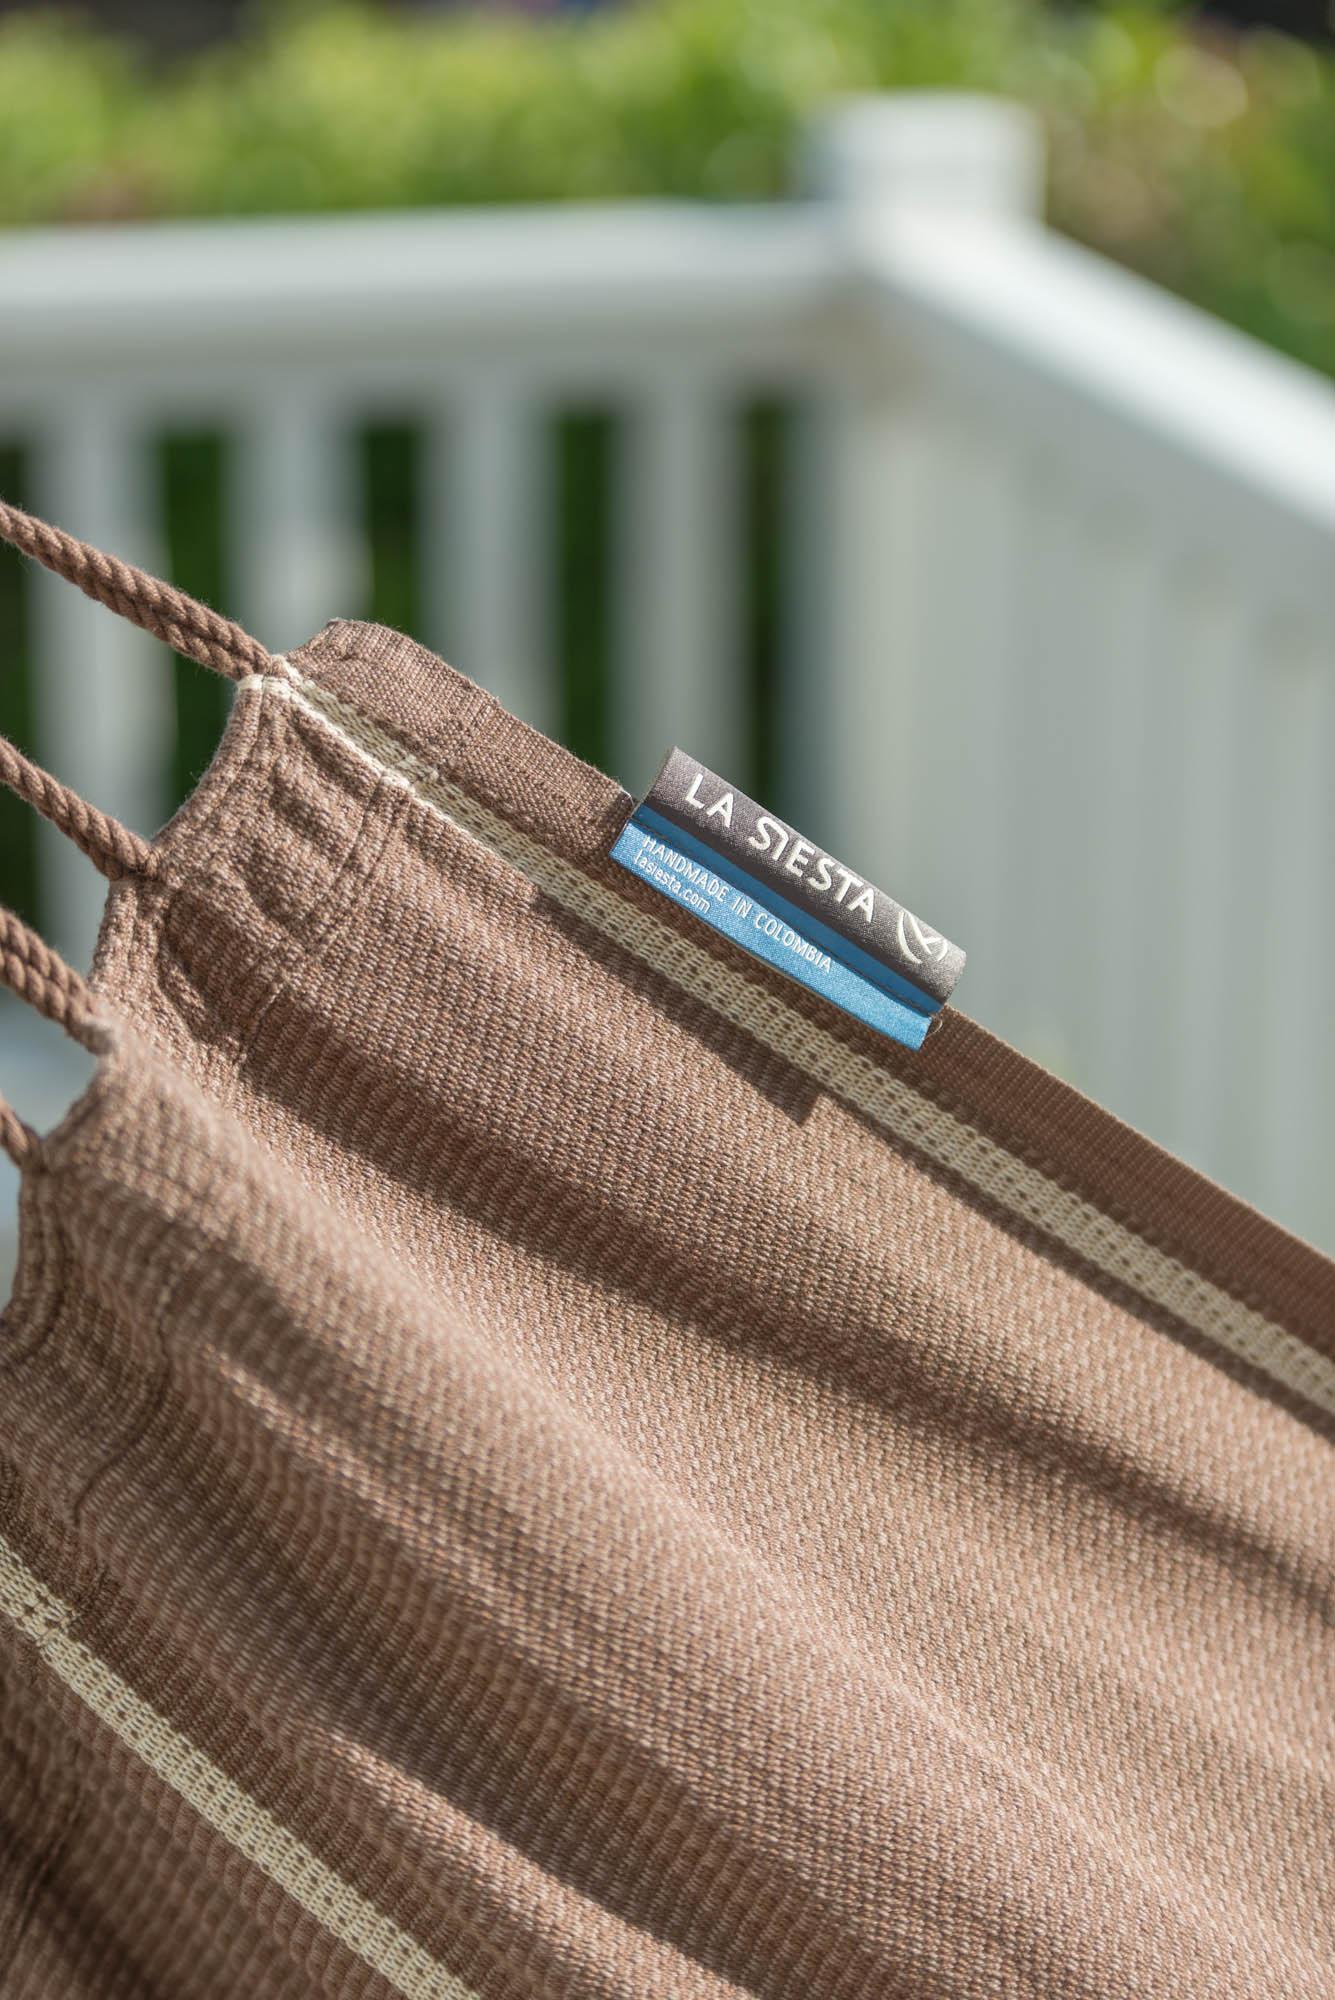 Detaljbild på hänggungan Habana från varumärket La Siesta.